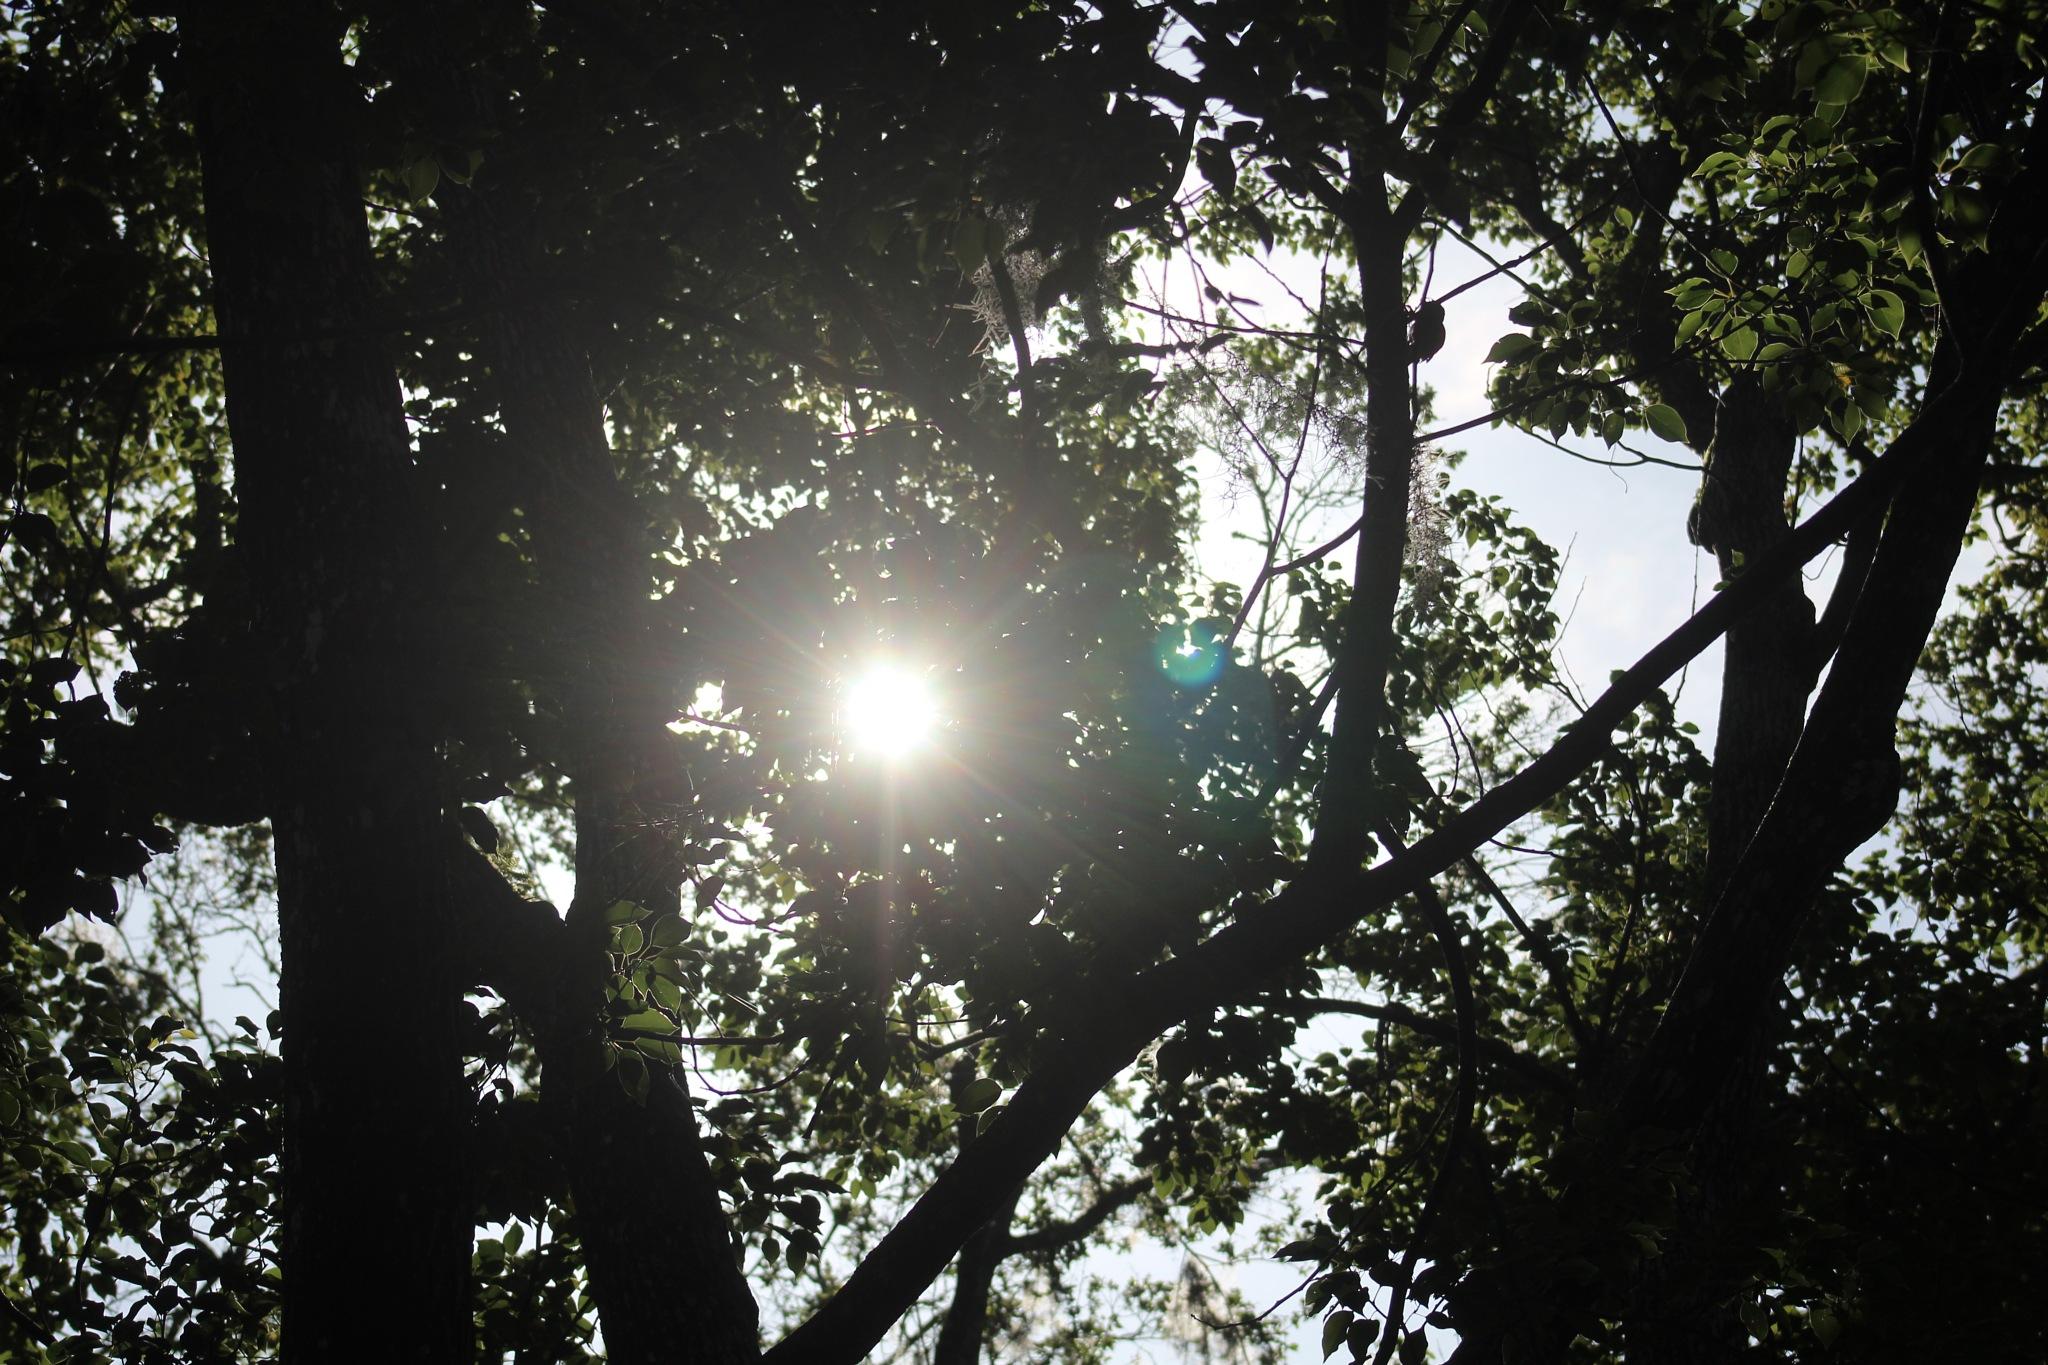 Sun Star by Diane.Mumbower